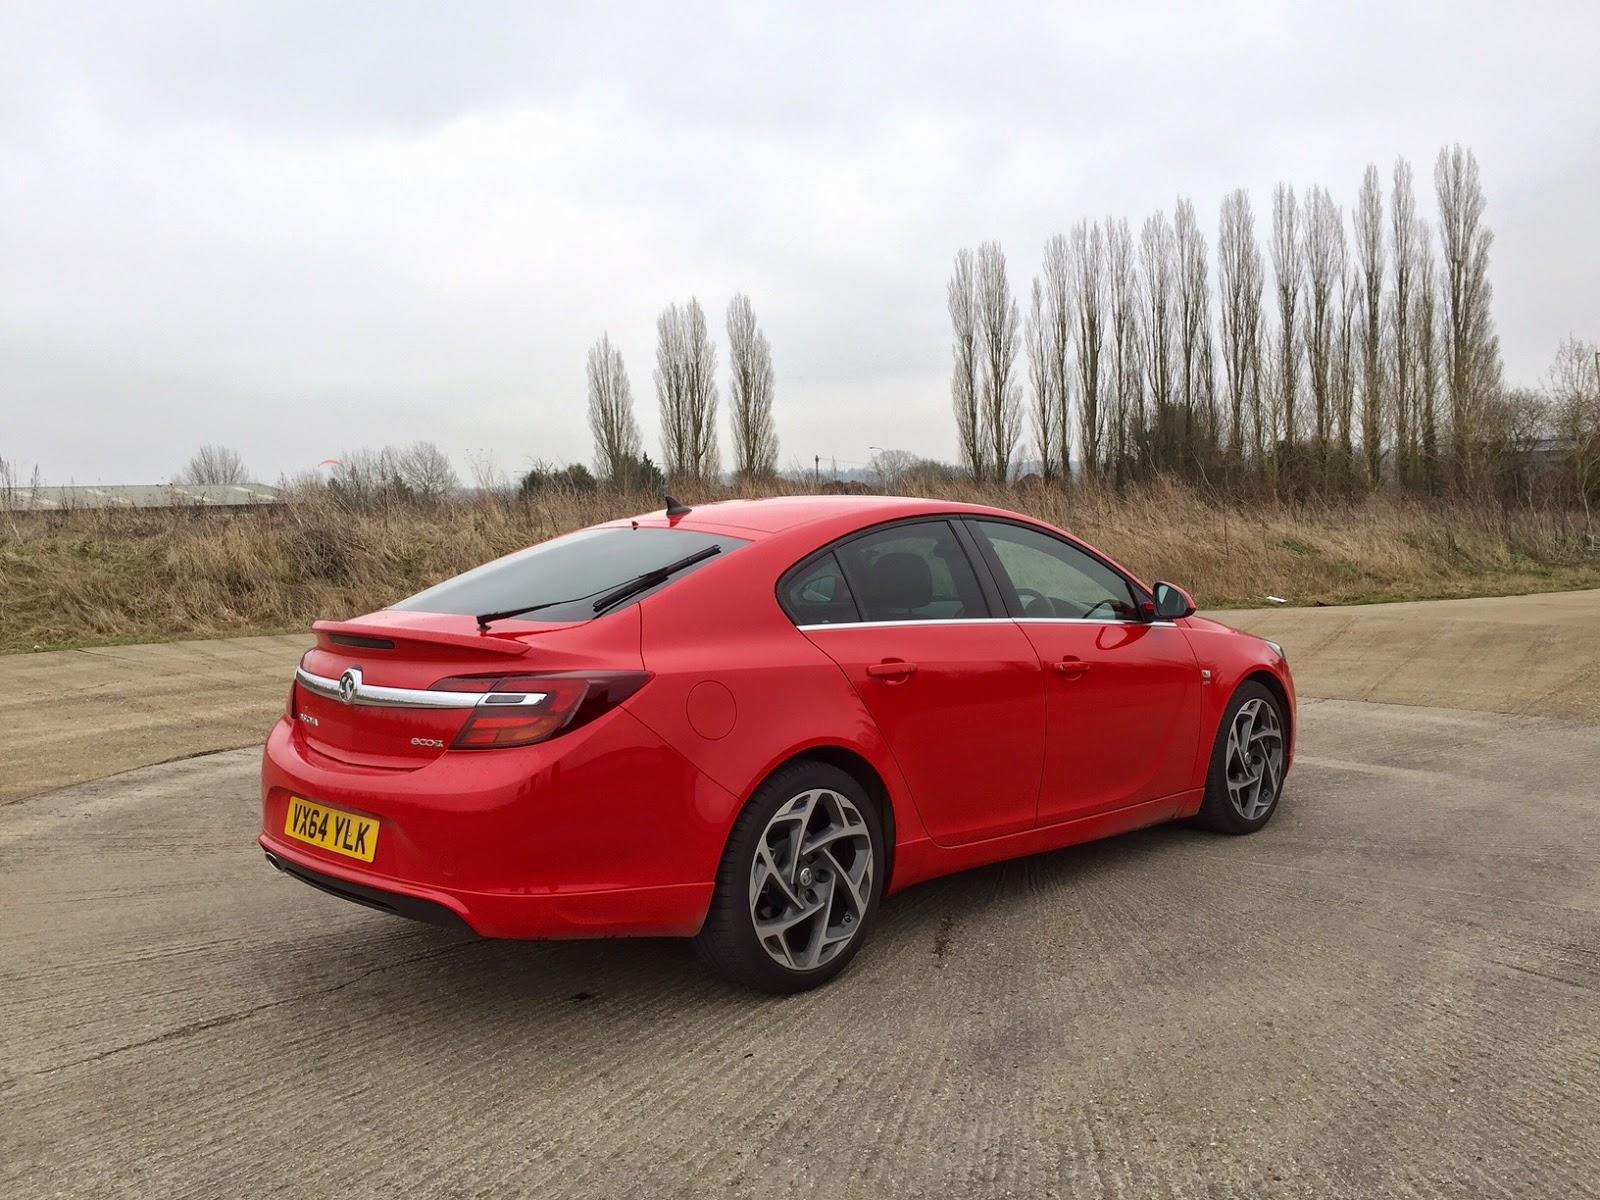 2015 Vauxhall Insignia SRi 2.0 CDTi